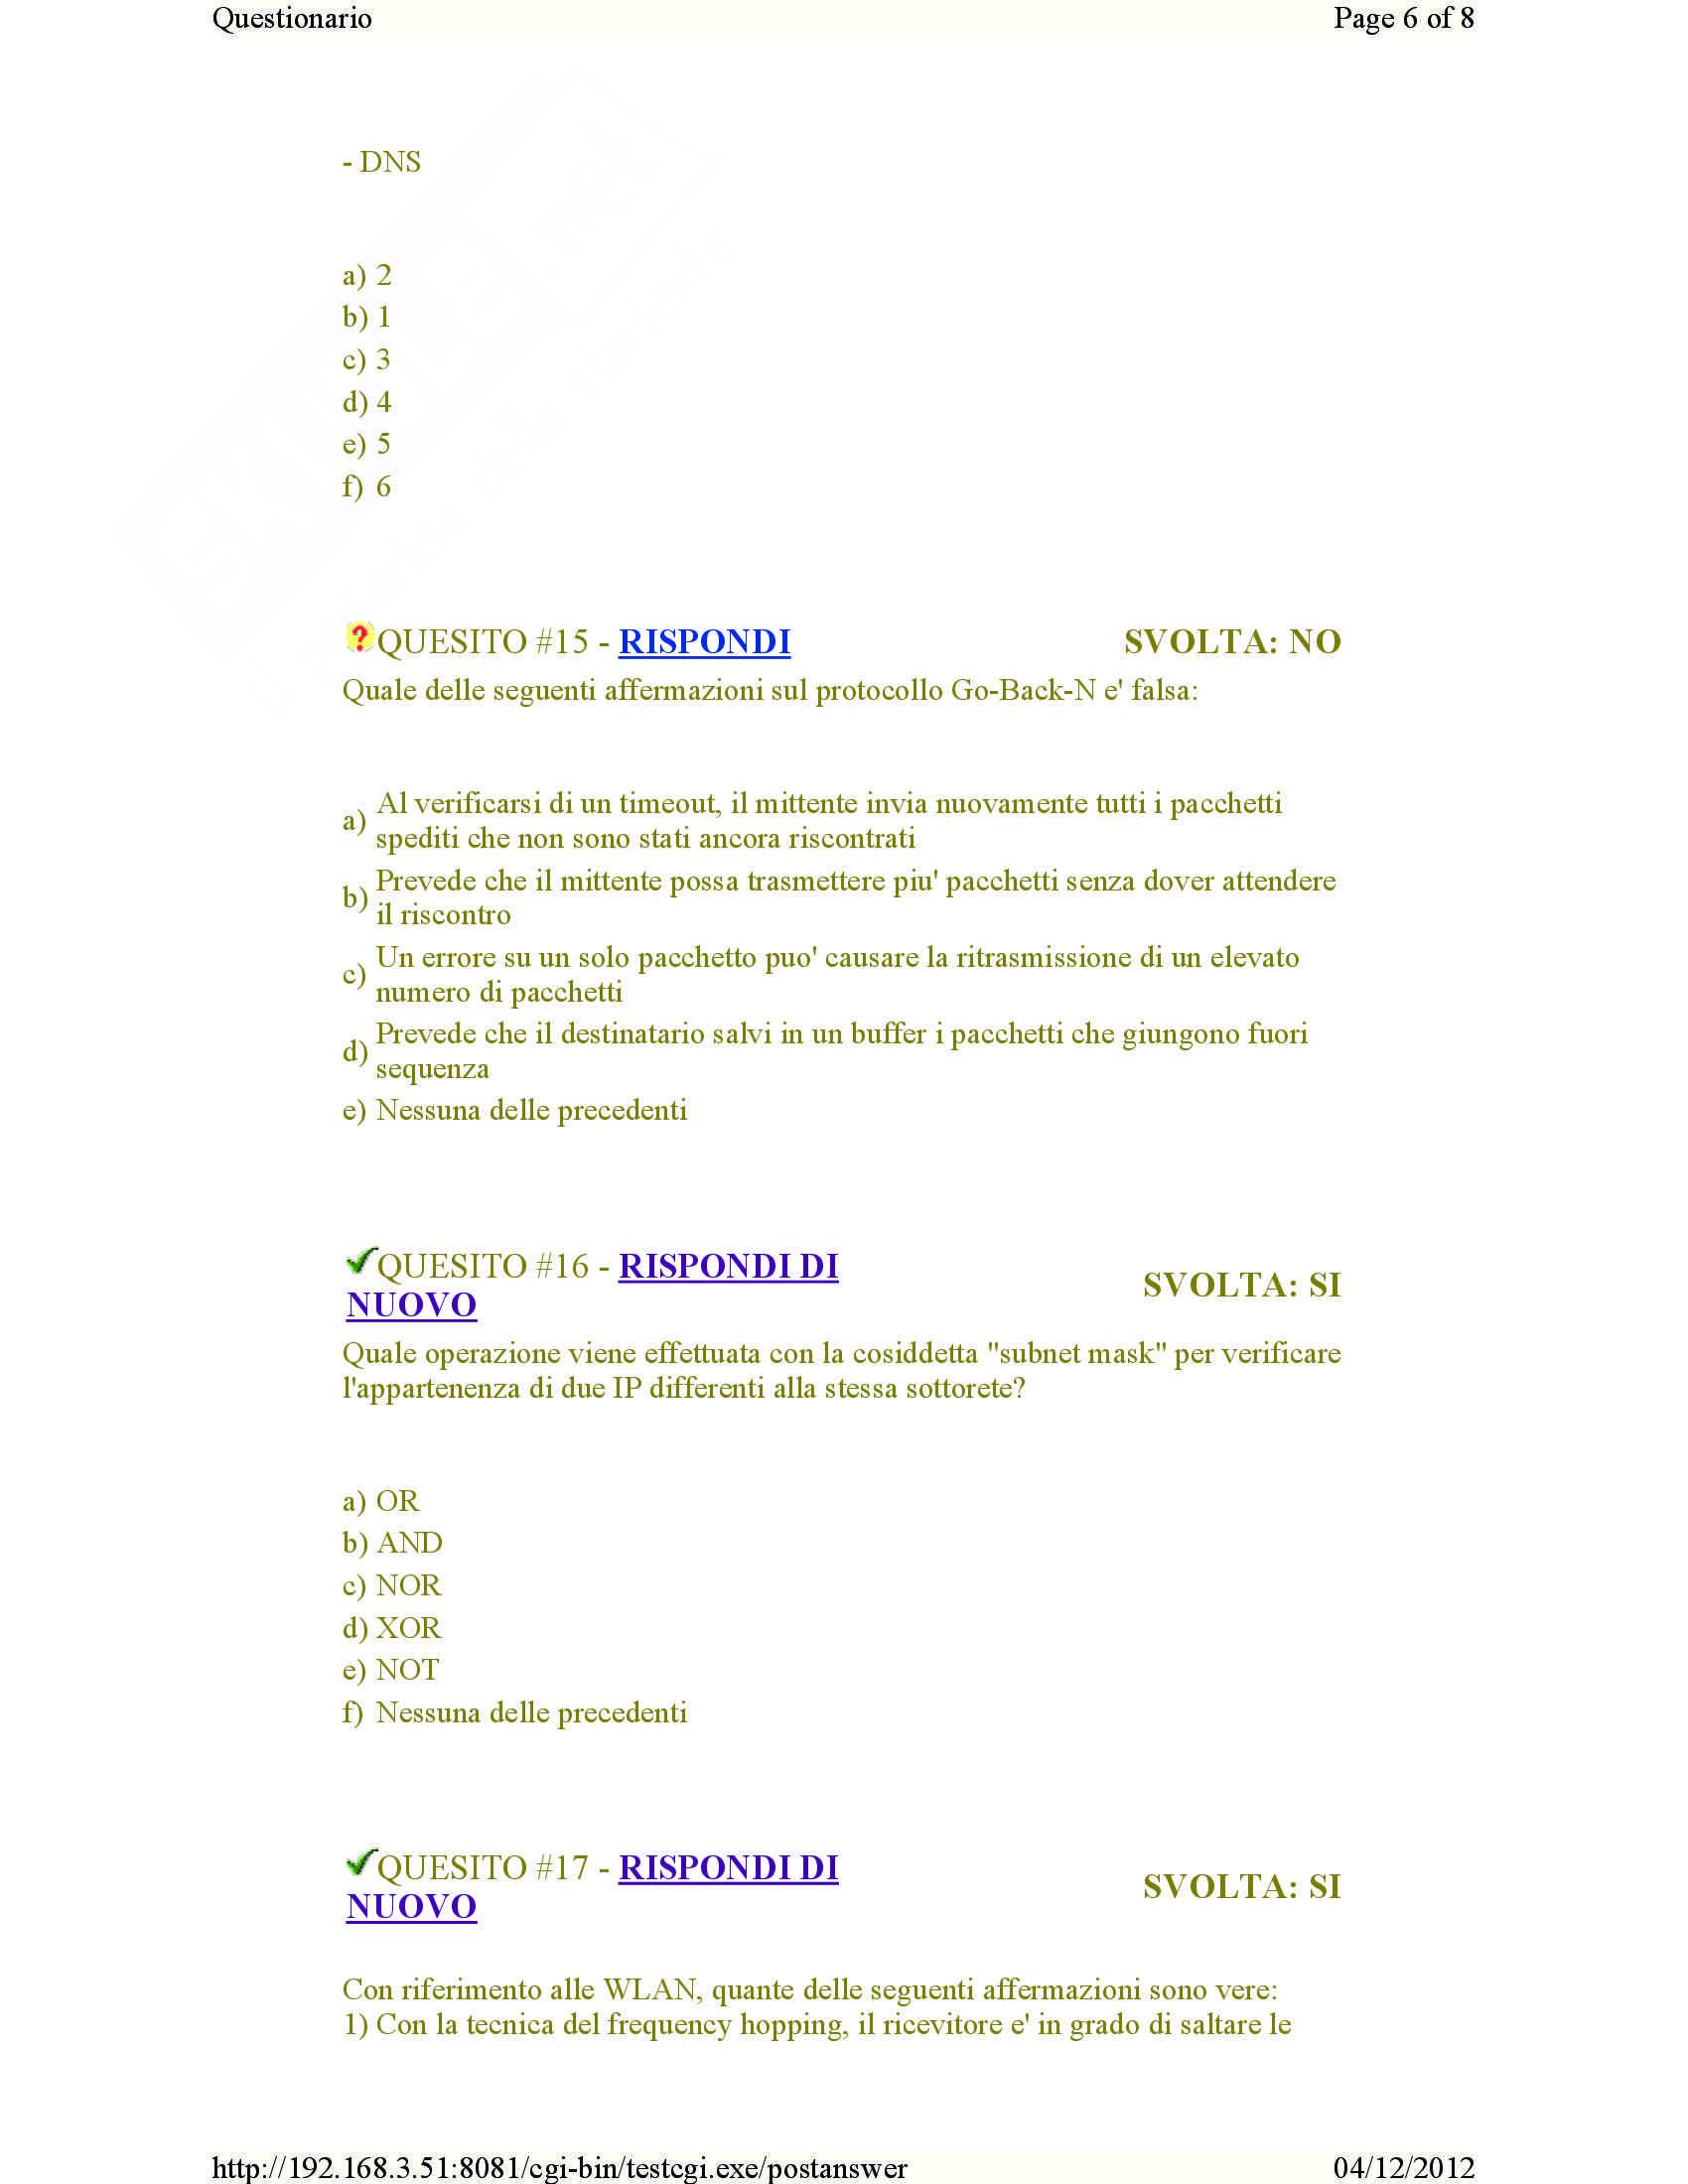 Calcolatori elettronici -04/12/2012 Pag. 6